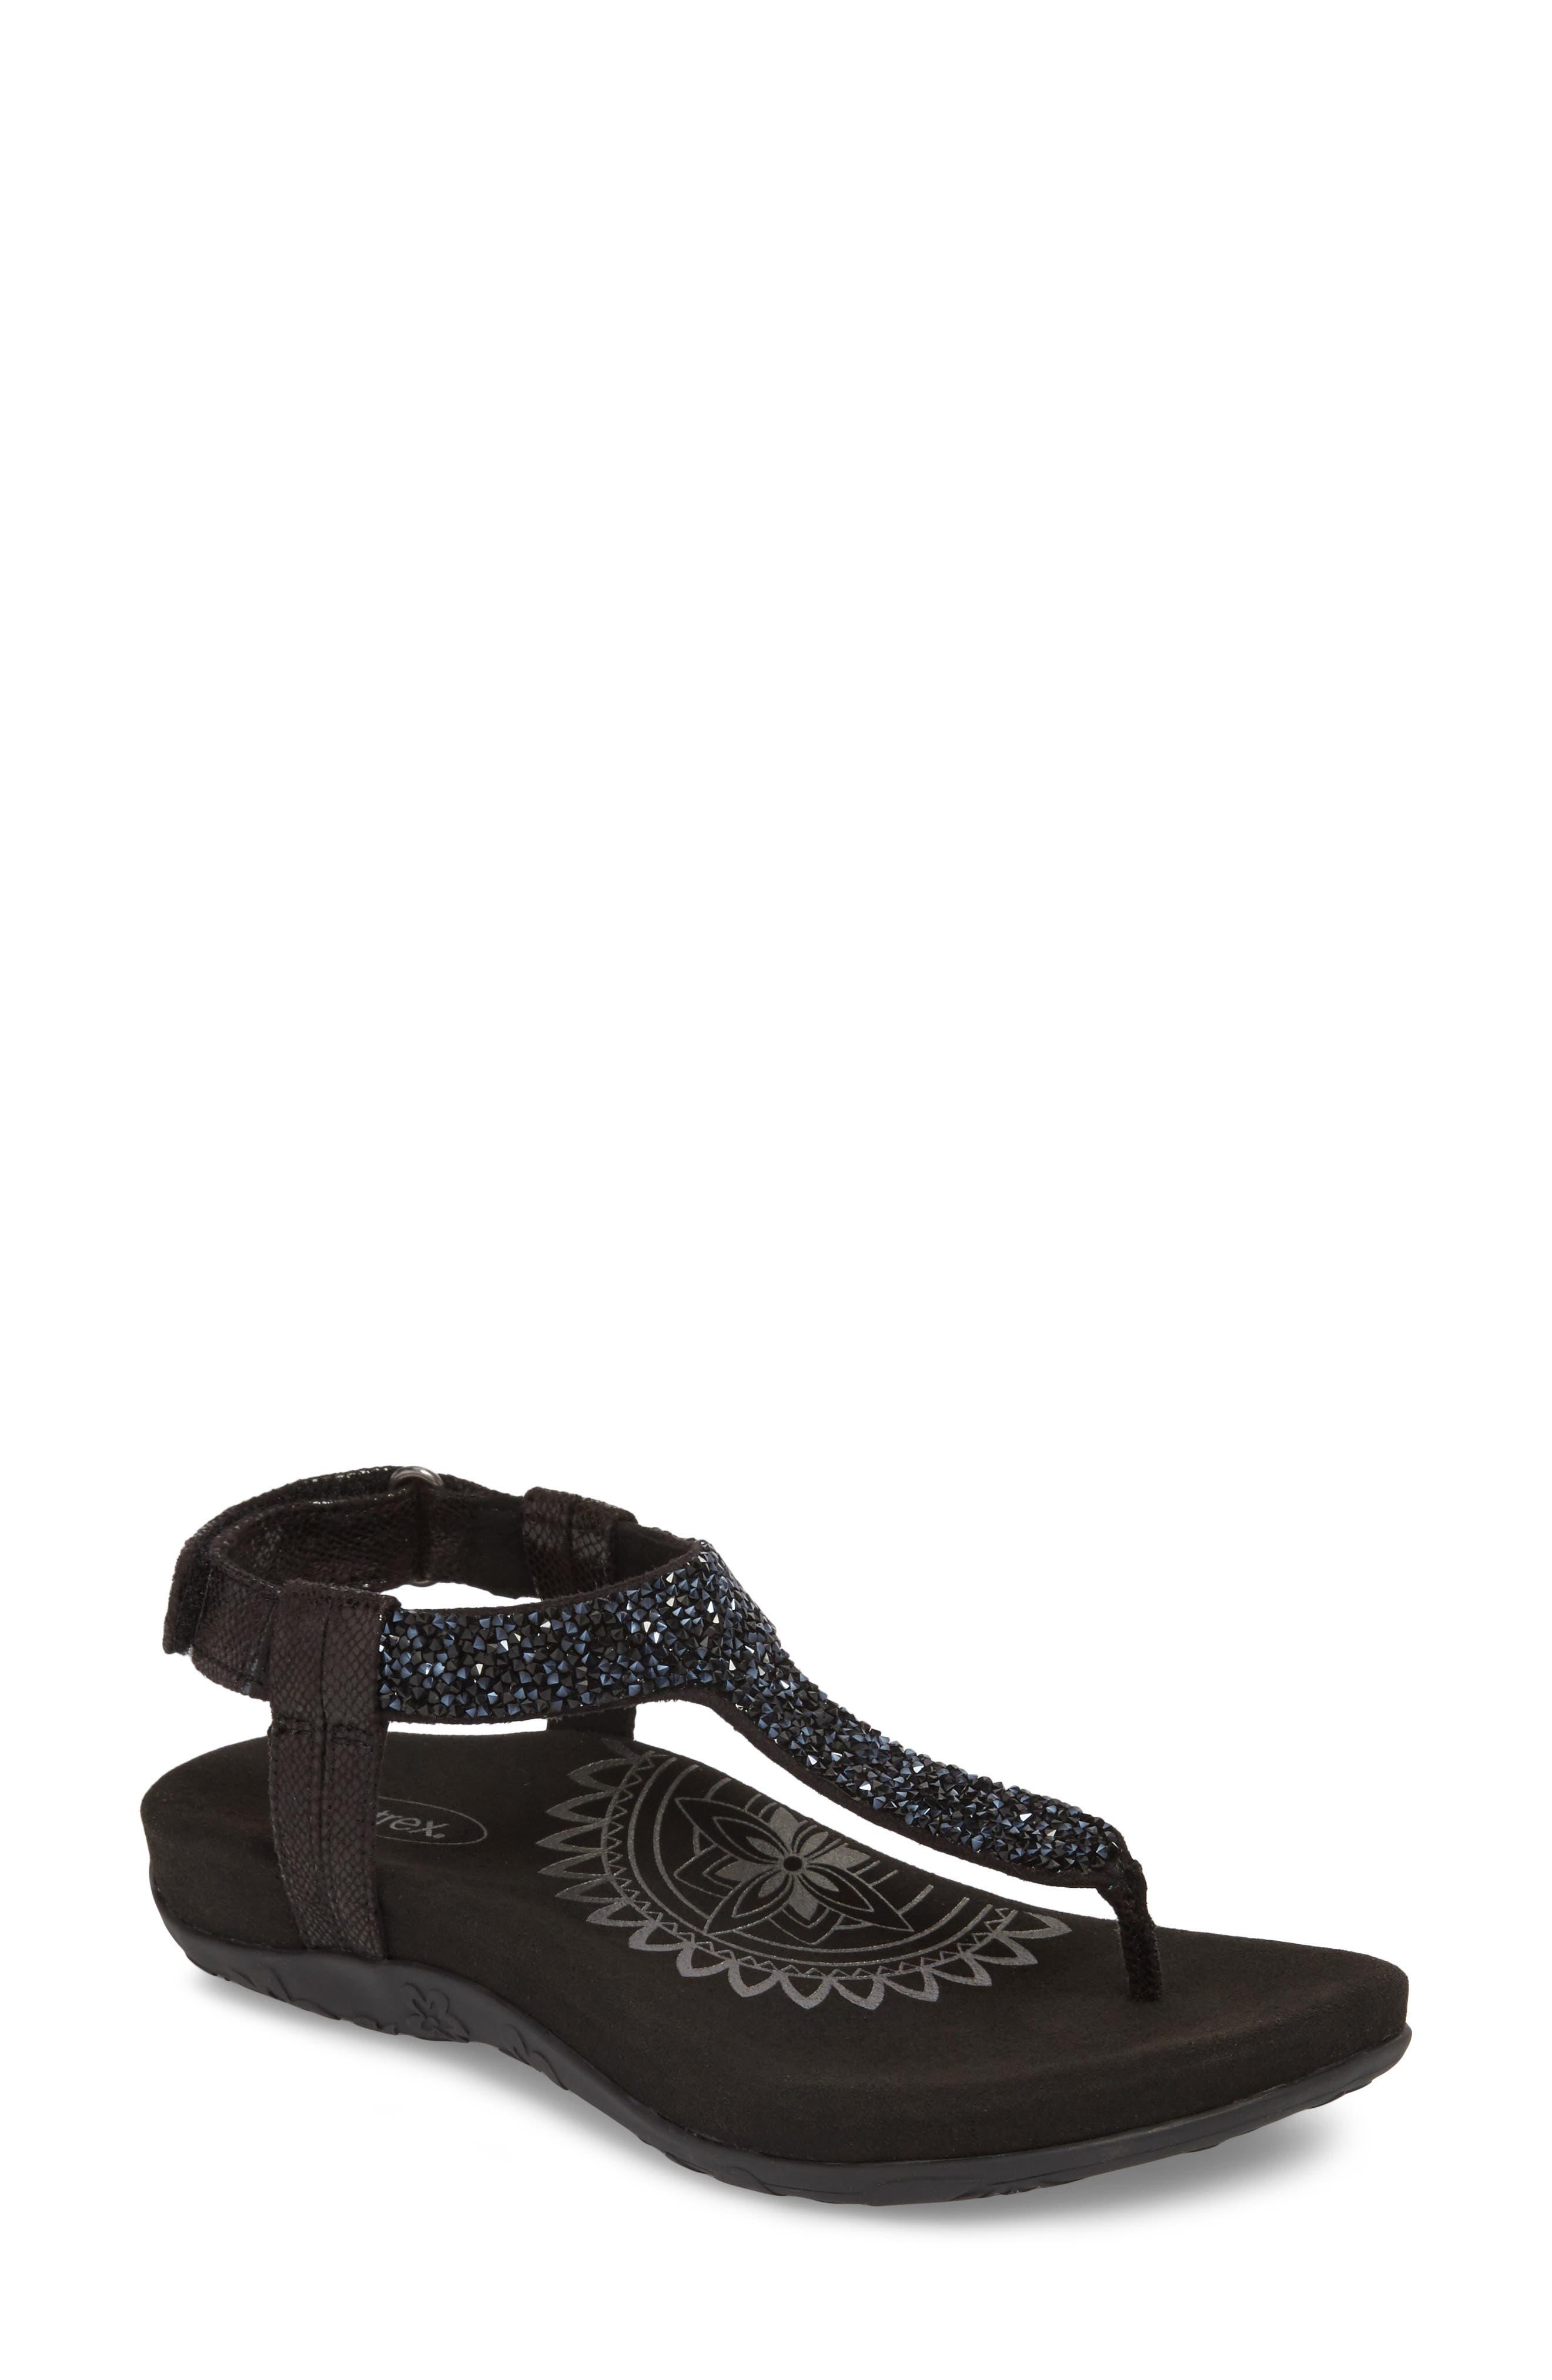 AETREX Jade Embellished T-Strap Sandal, Main, color, BLACK LEATHER